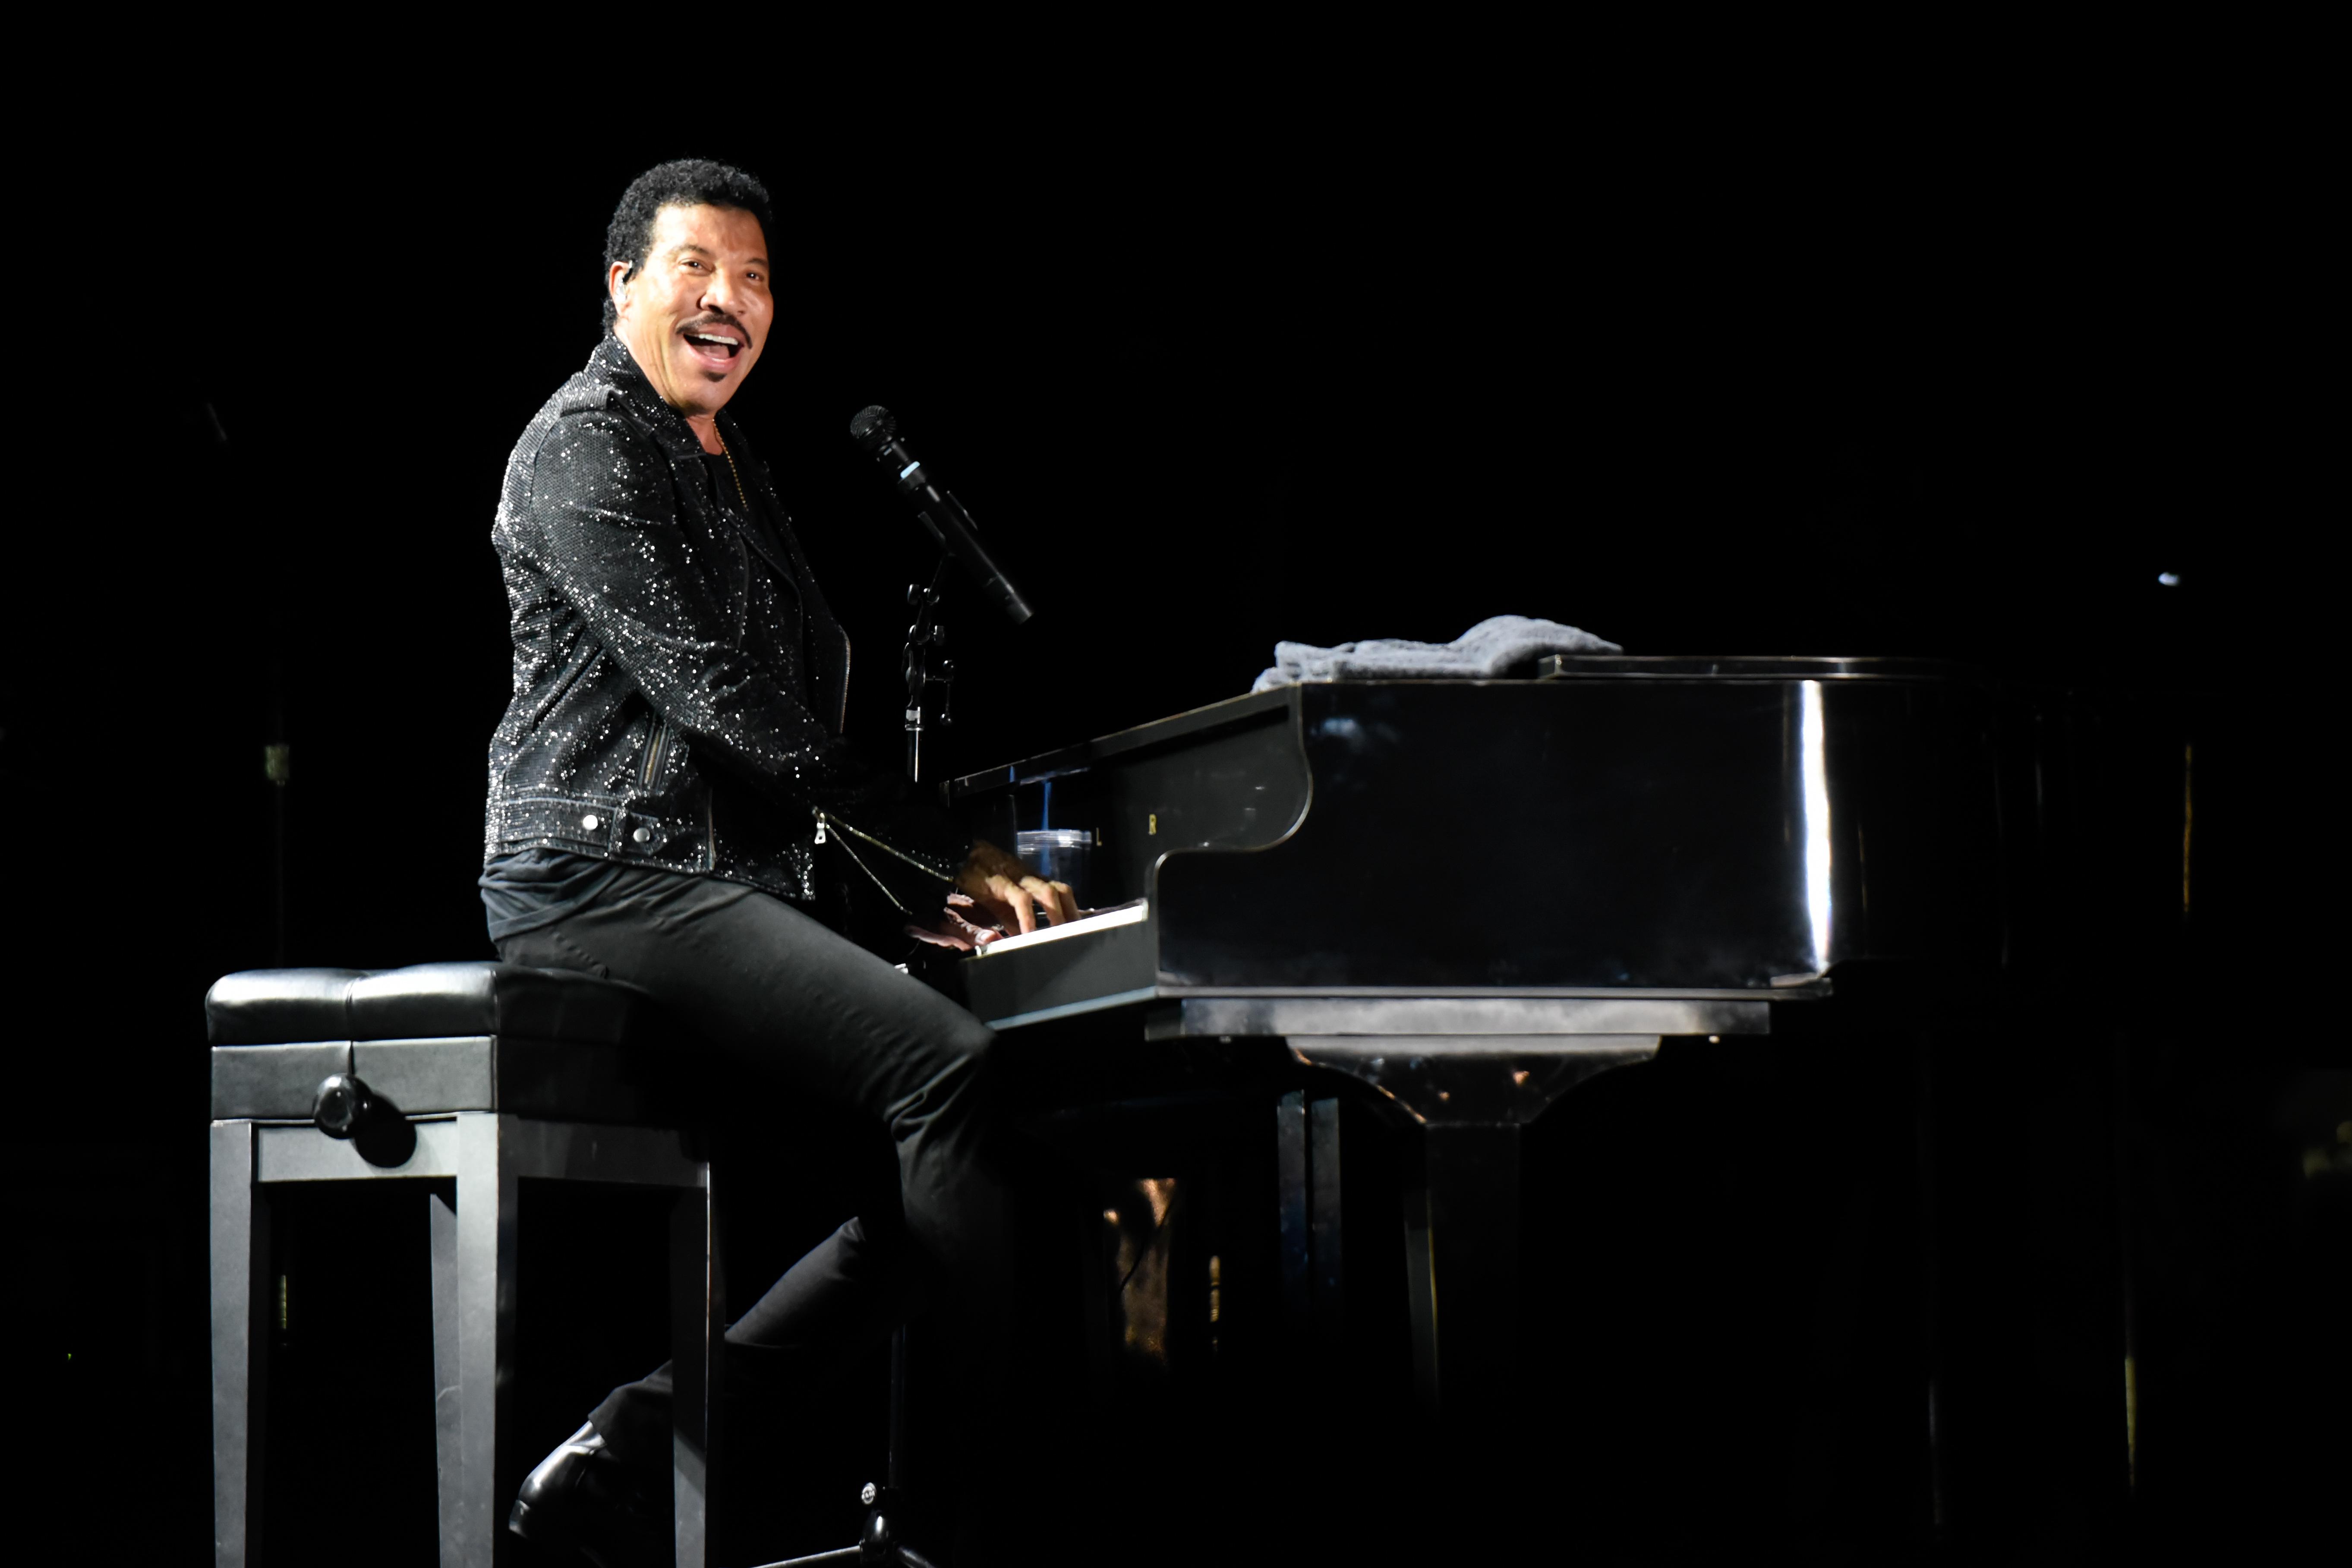 Lionel Richie Announces 'Live From Las Vegas' LP, North American Summer Tour